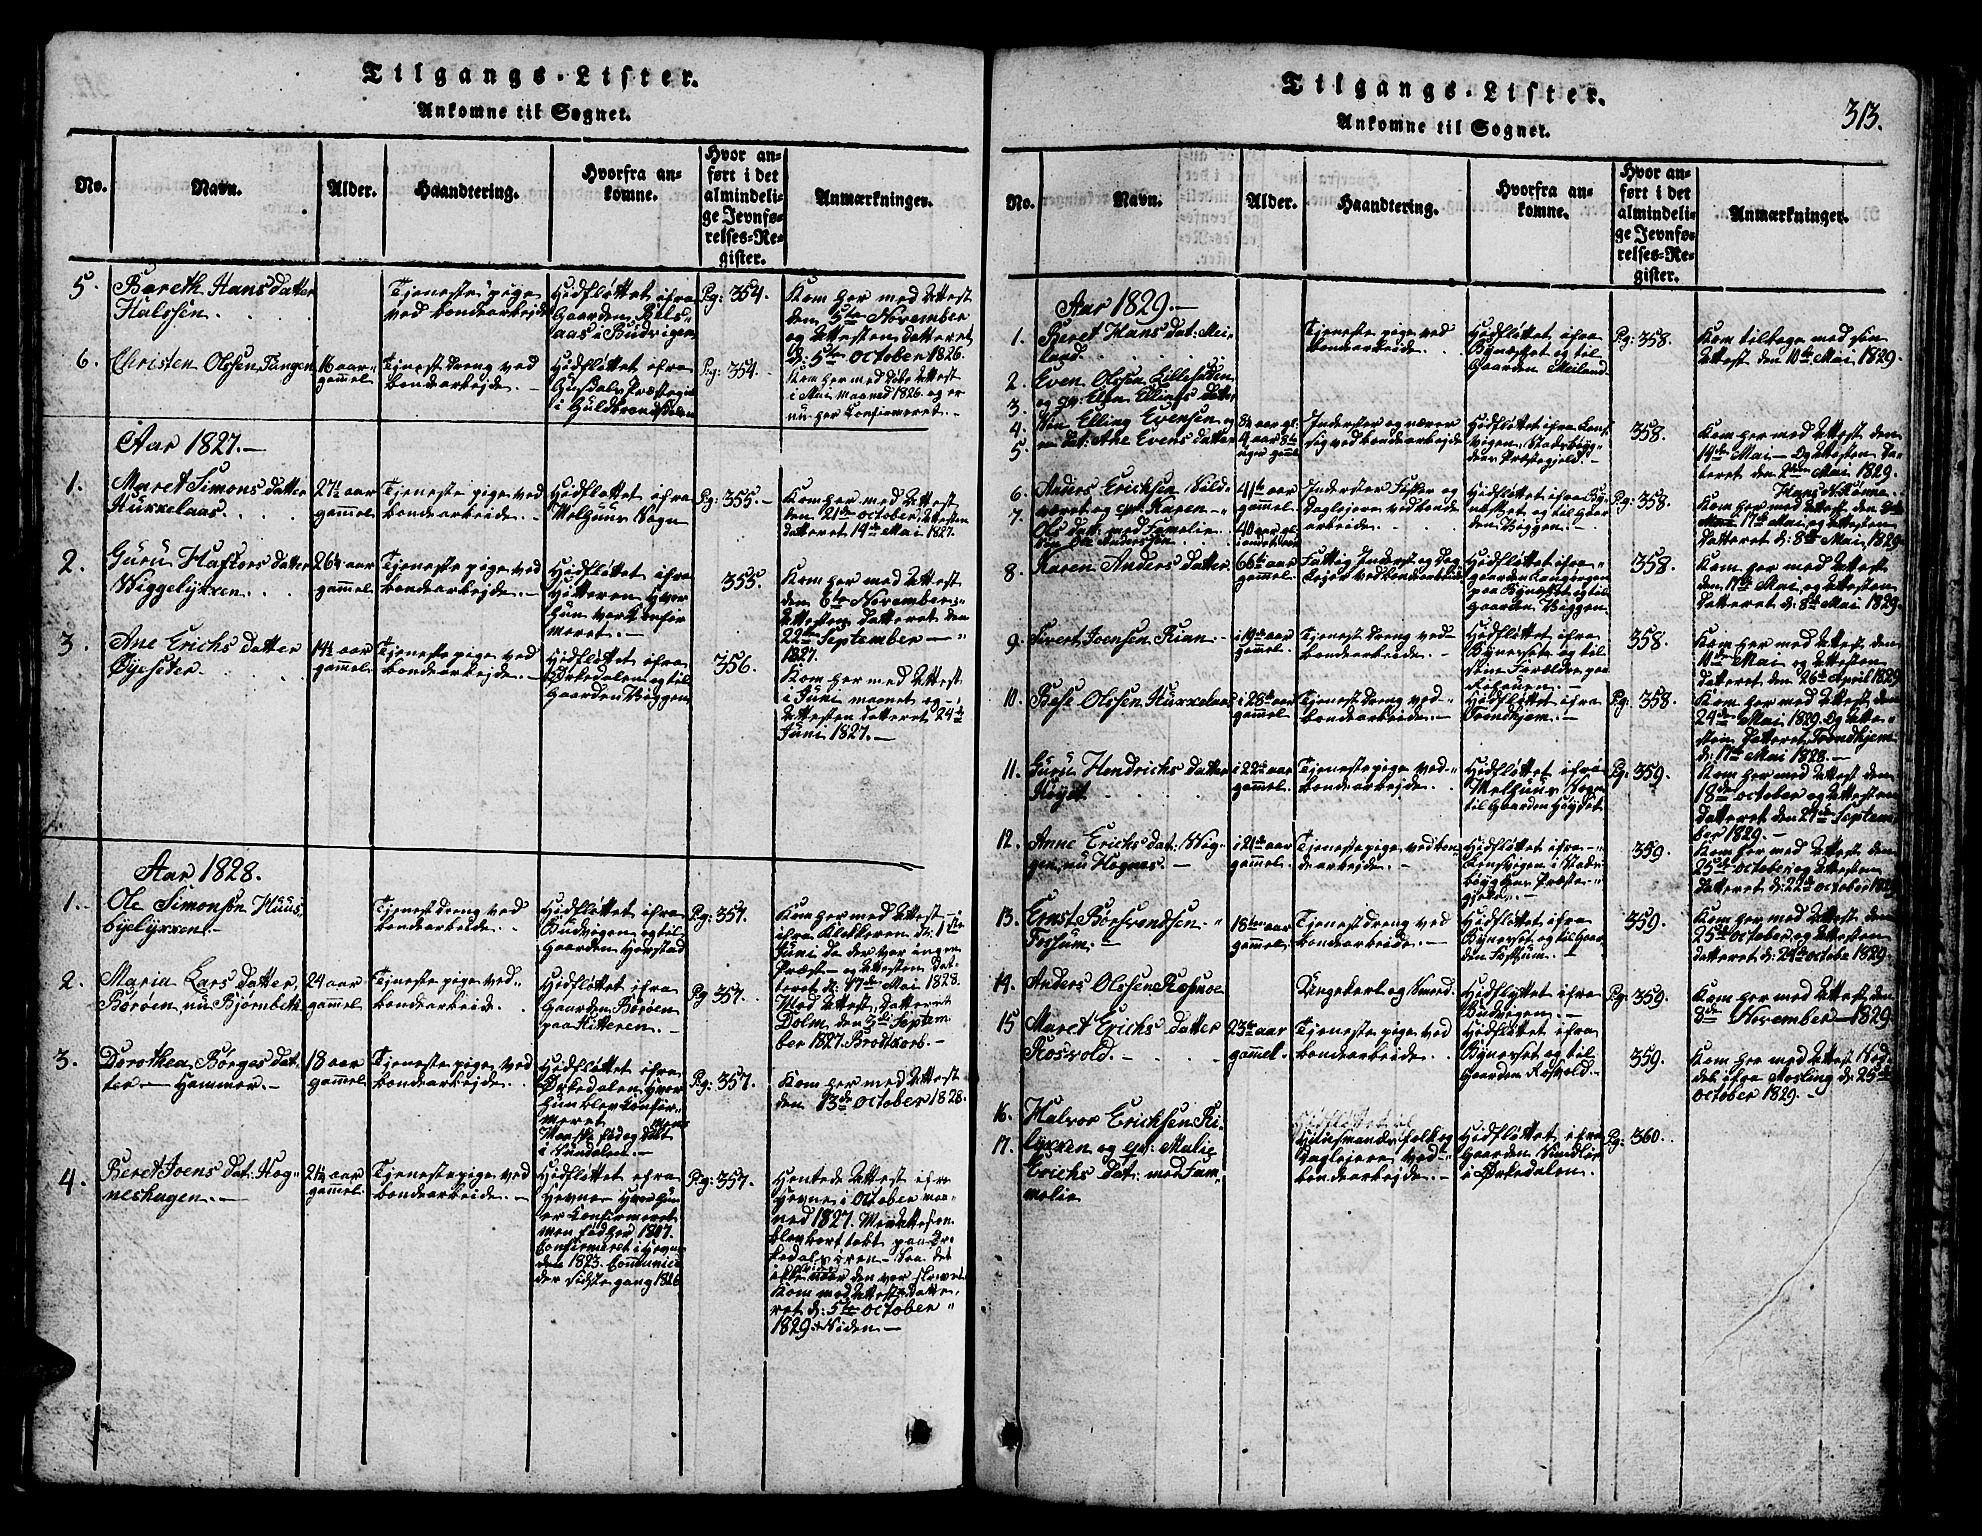 SAT, Ministerialprotokoller, klokkerbøker og fødselsregistre - Sør-Trøndelag, 665/L0776: Klokkerbok nr. 665C01, 1817-1837, s. 313